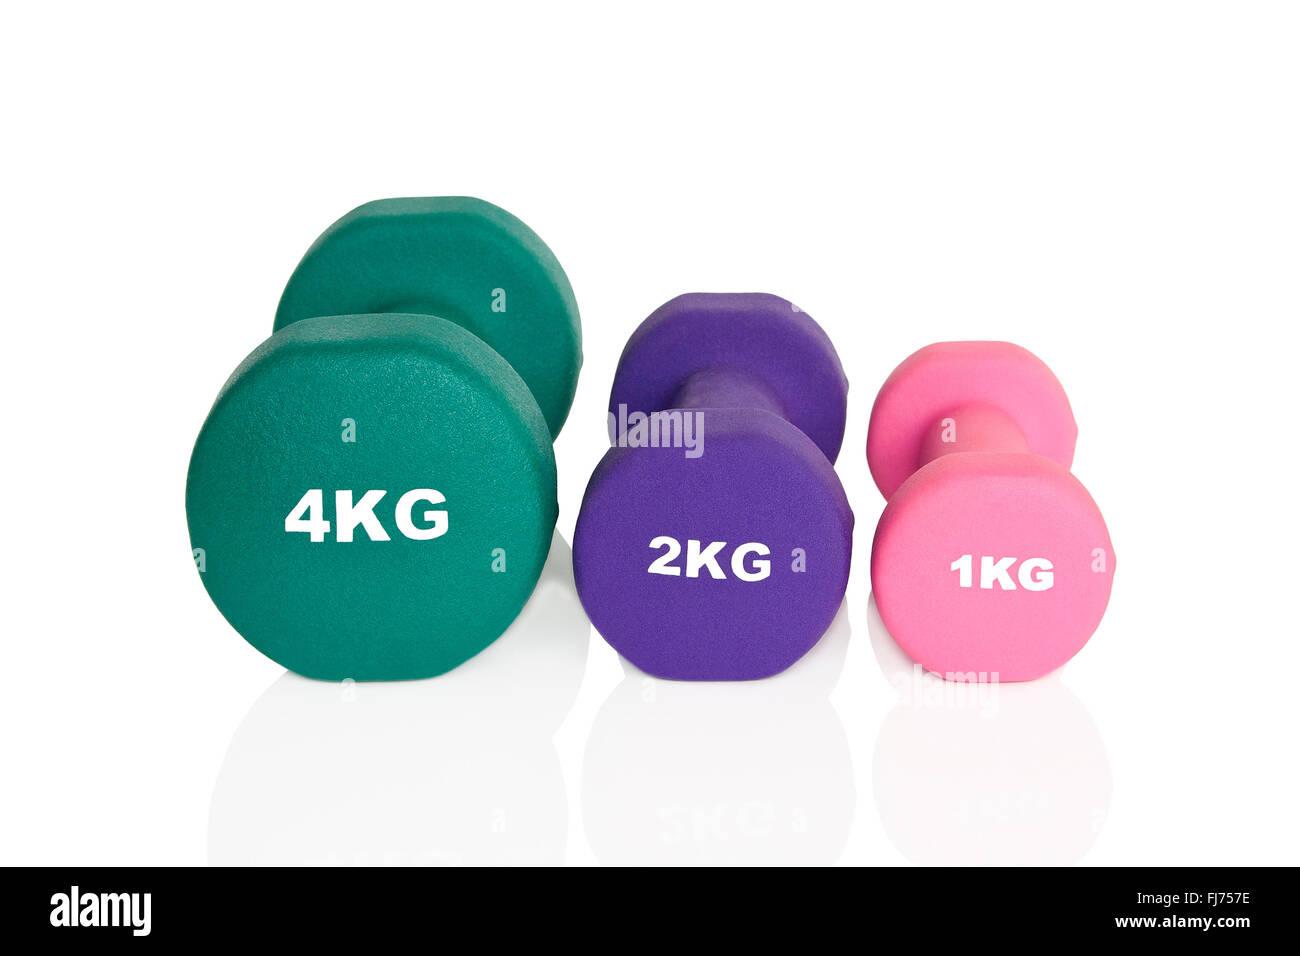 Rosa, Verde e viola per manubri isolati su sfondo bianco. I pesi per un allenamento di fitness. Immagini Stock